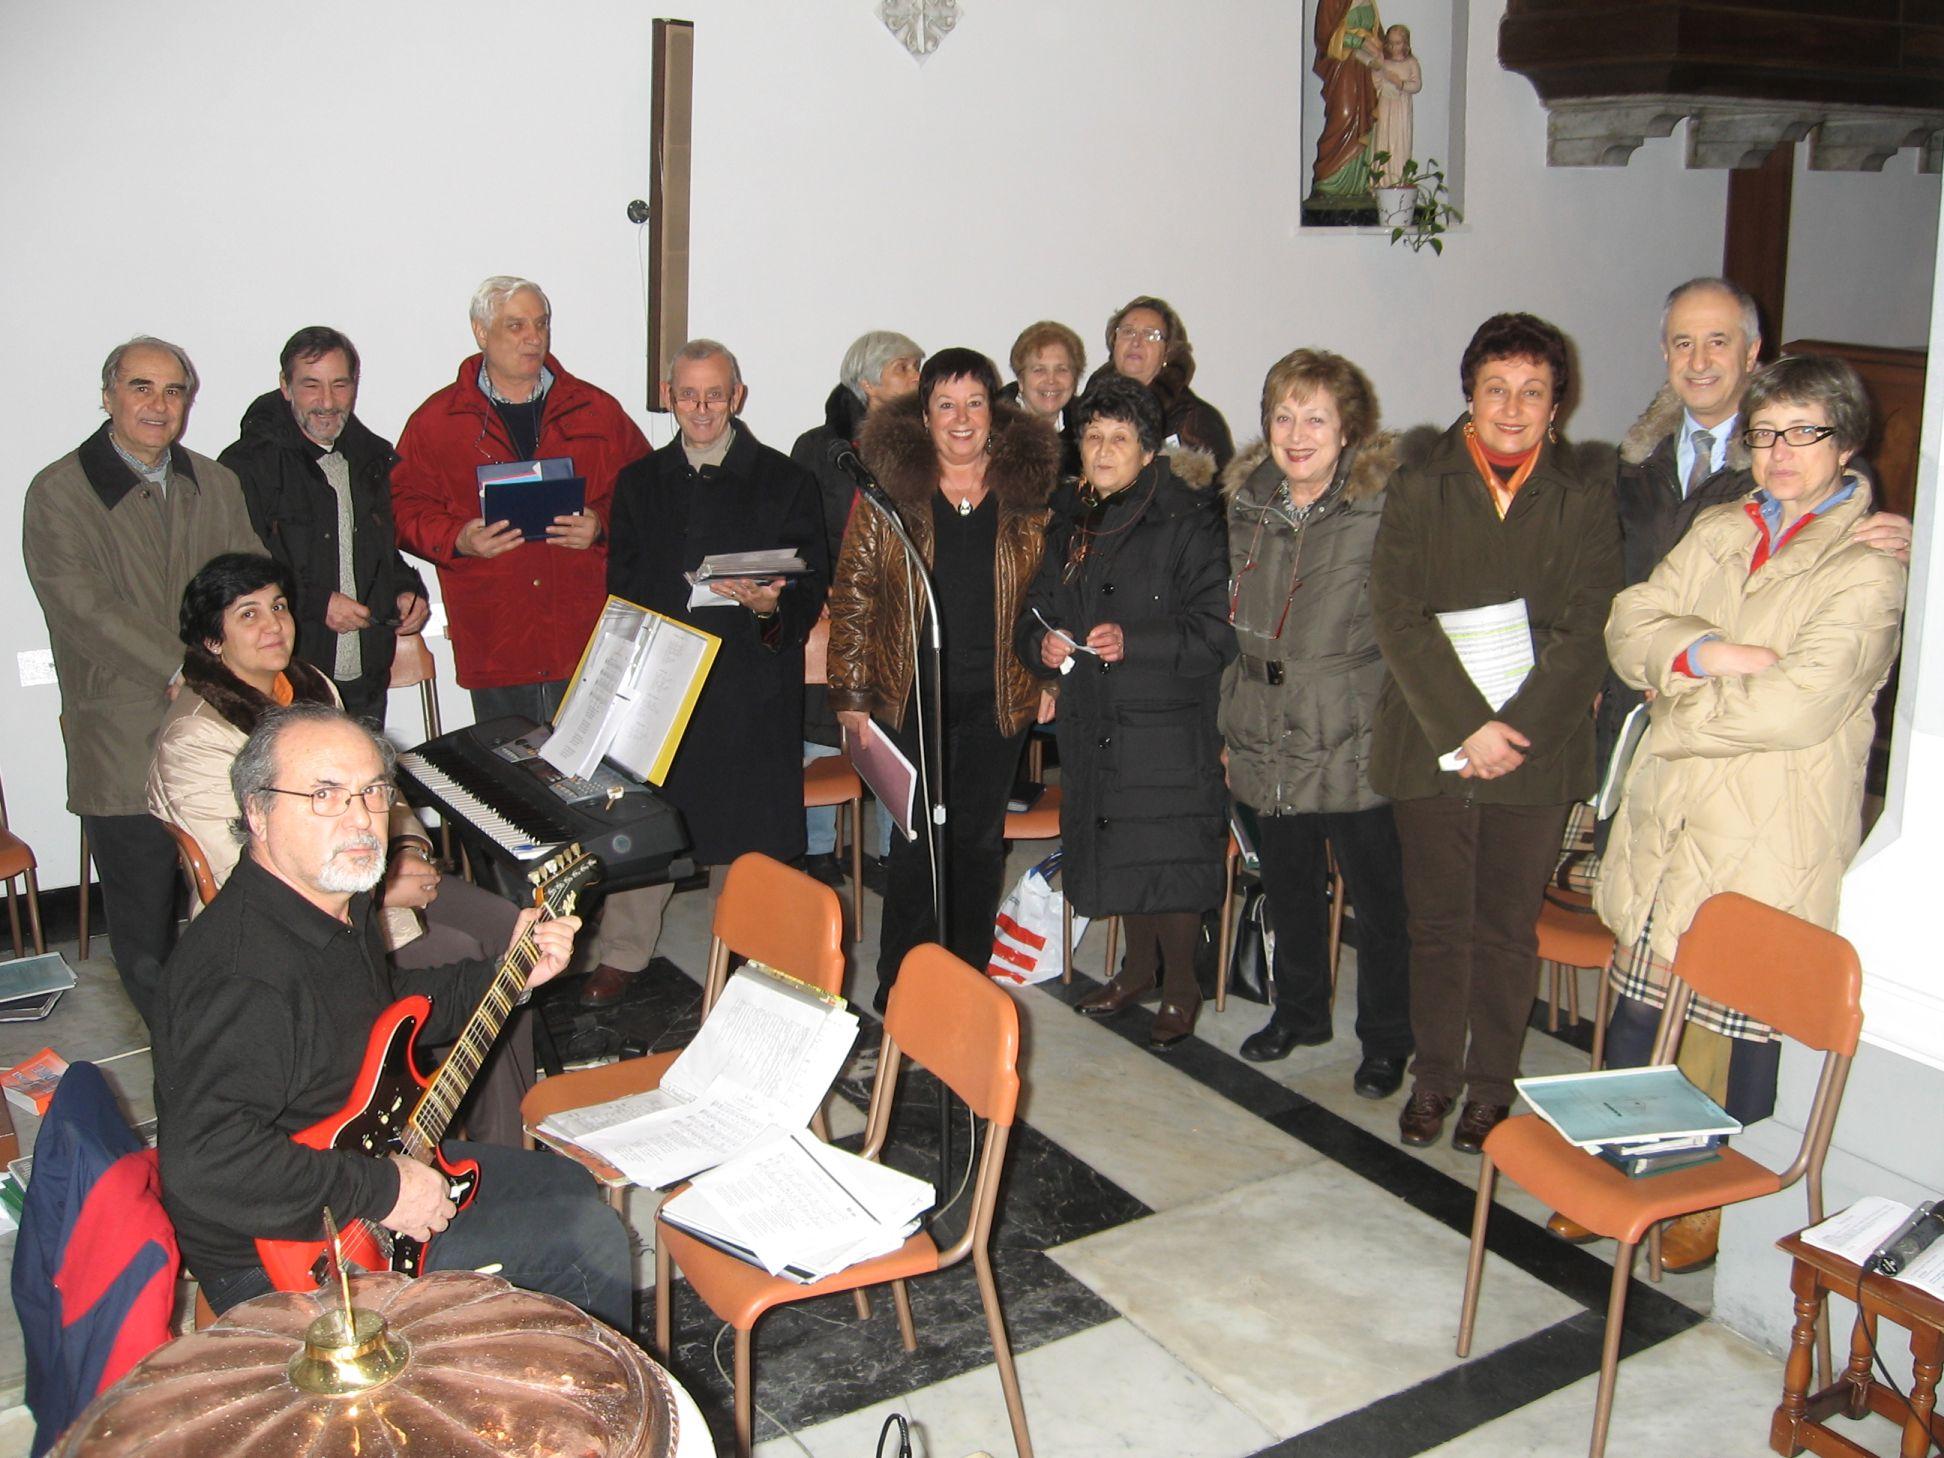 Recita_Natale-2009-12-24--23.34.16